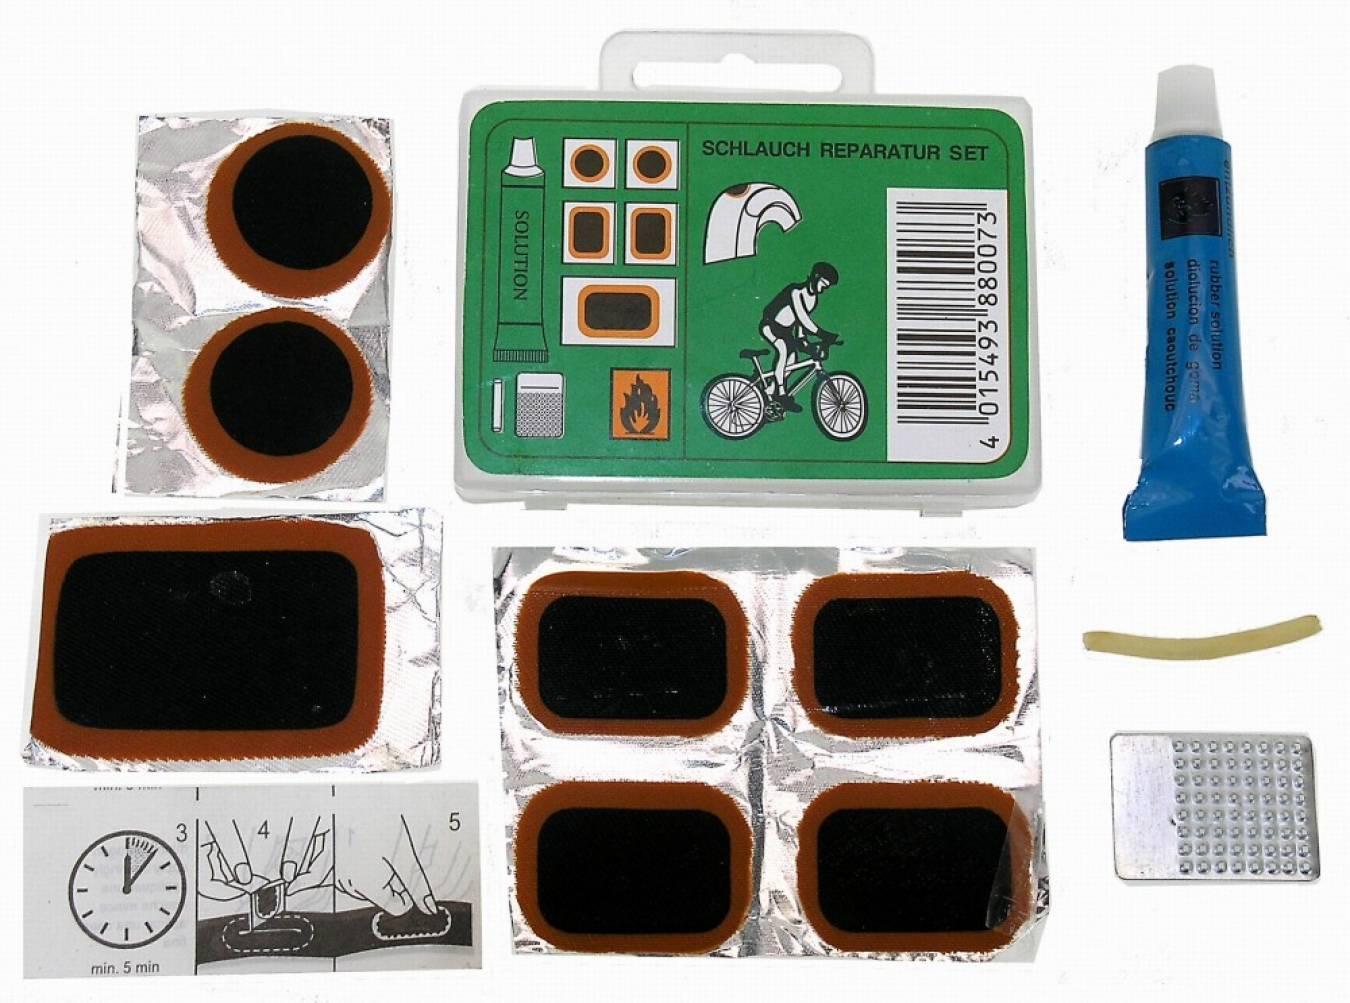 ремкомплект для камеры велосипеда фото